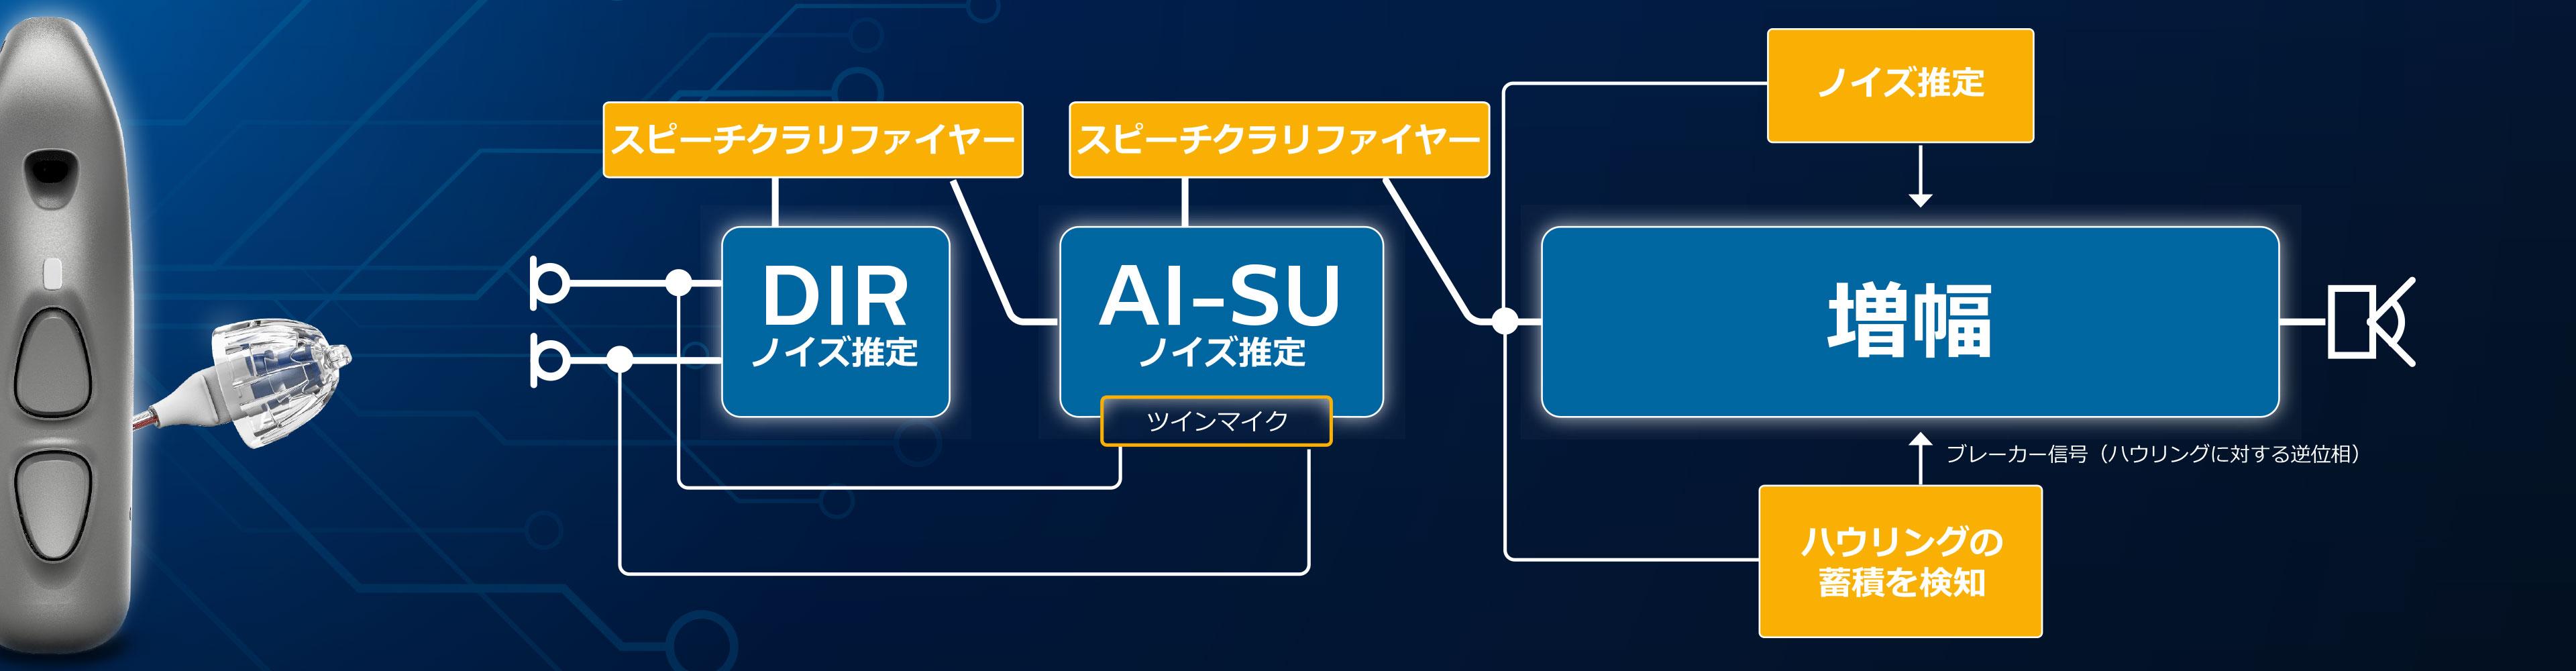 サウンドマップ2技術の構造 - AIサウンドテクノロジーを搭載したフィリップス ヒアリンク補聴器